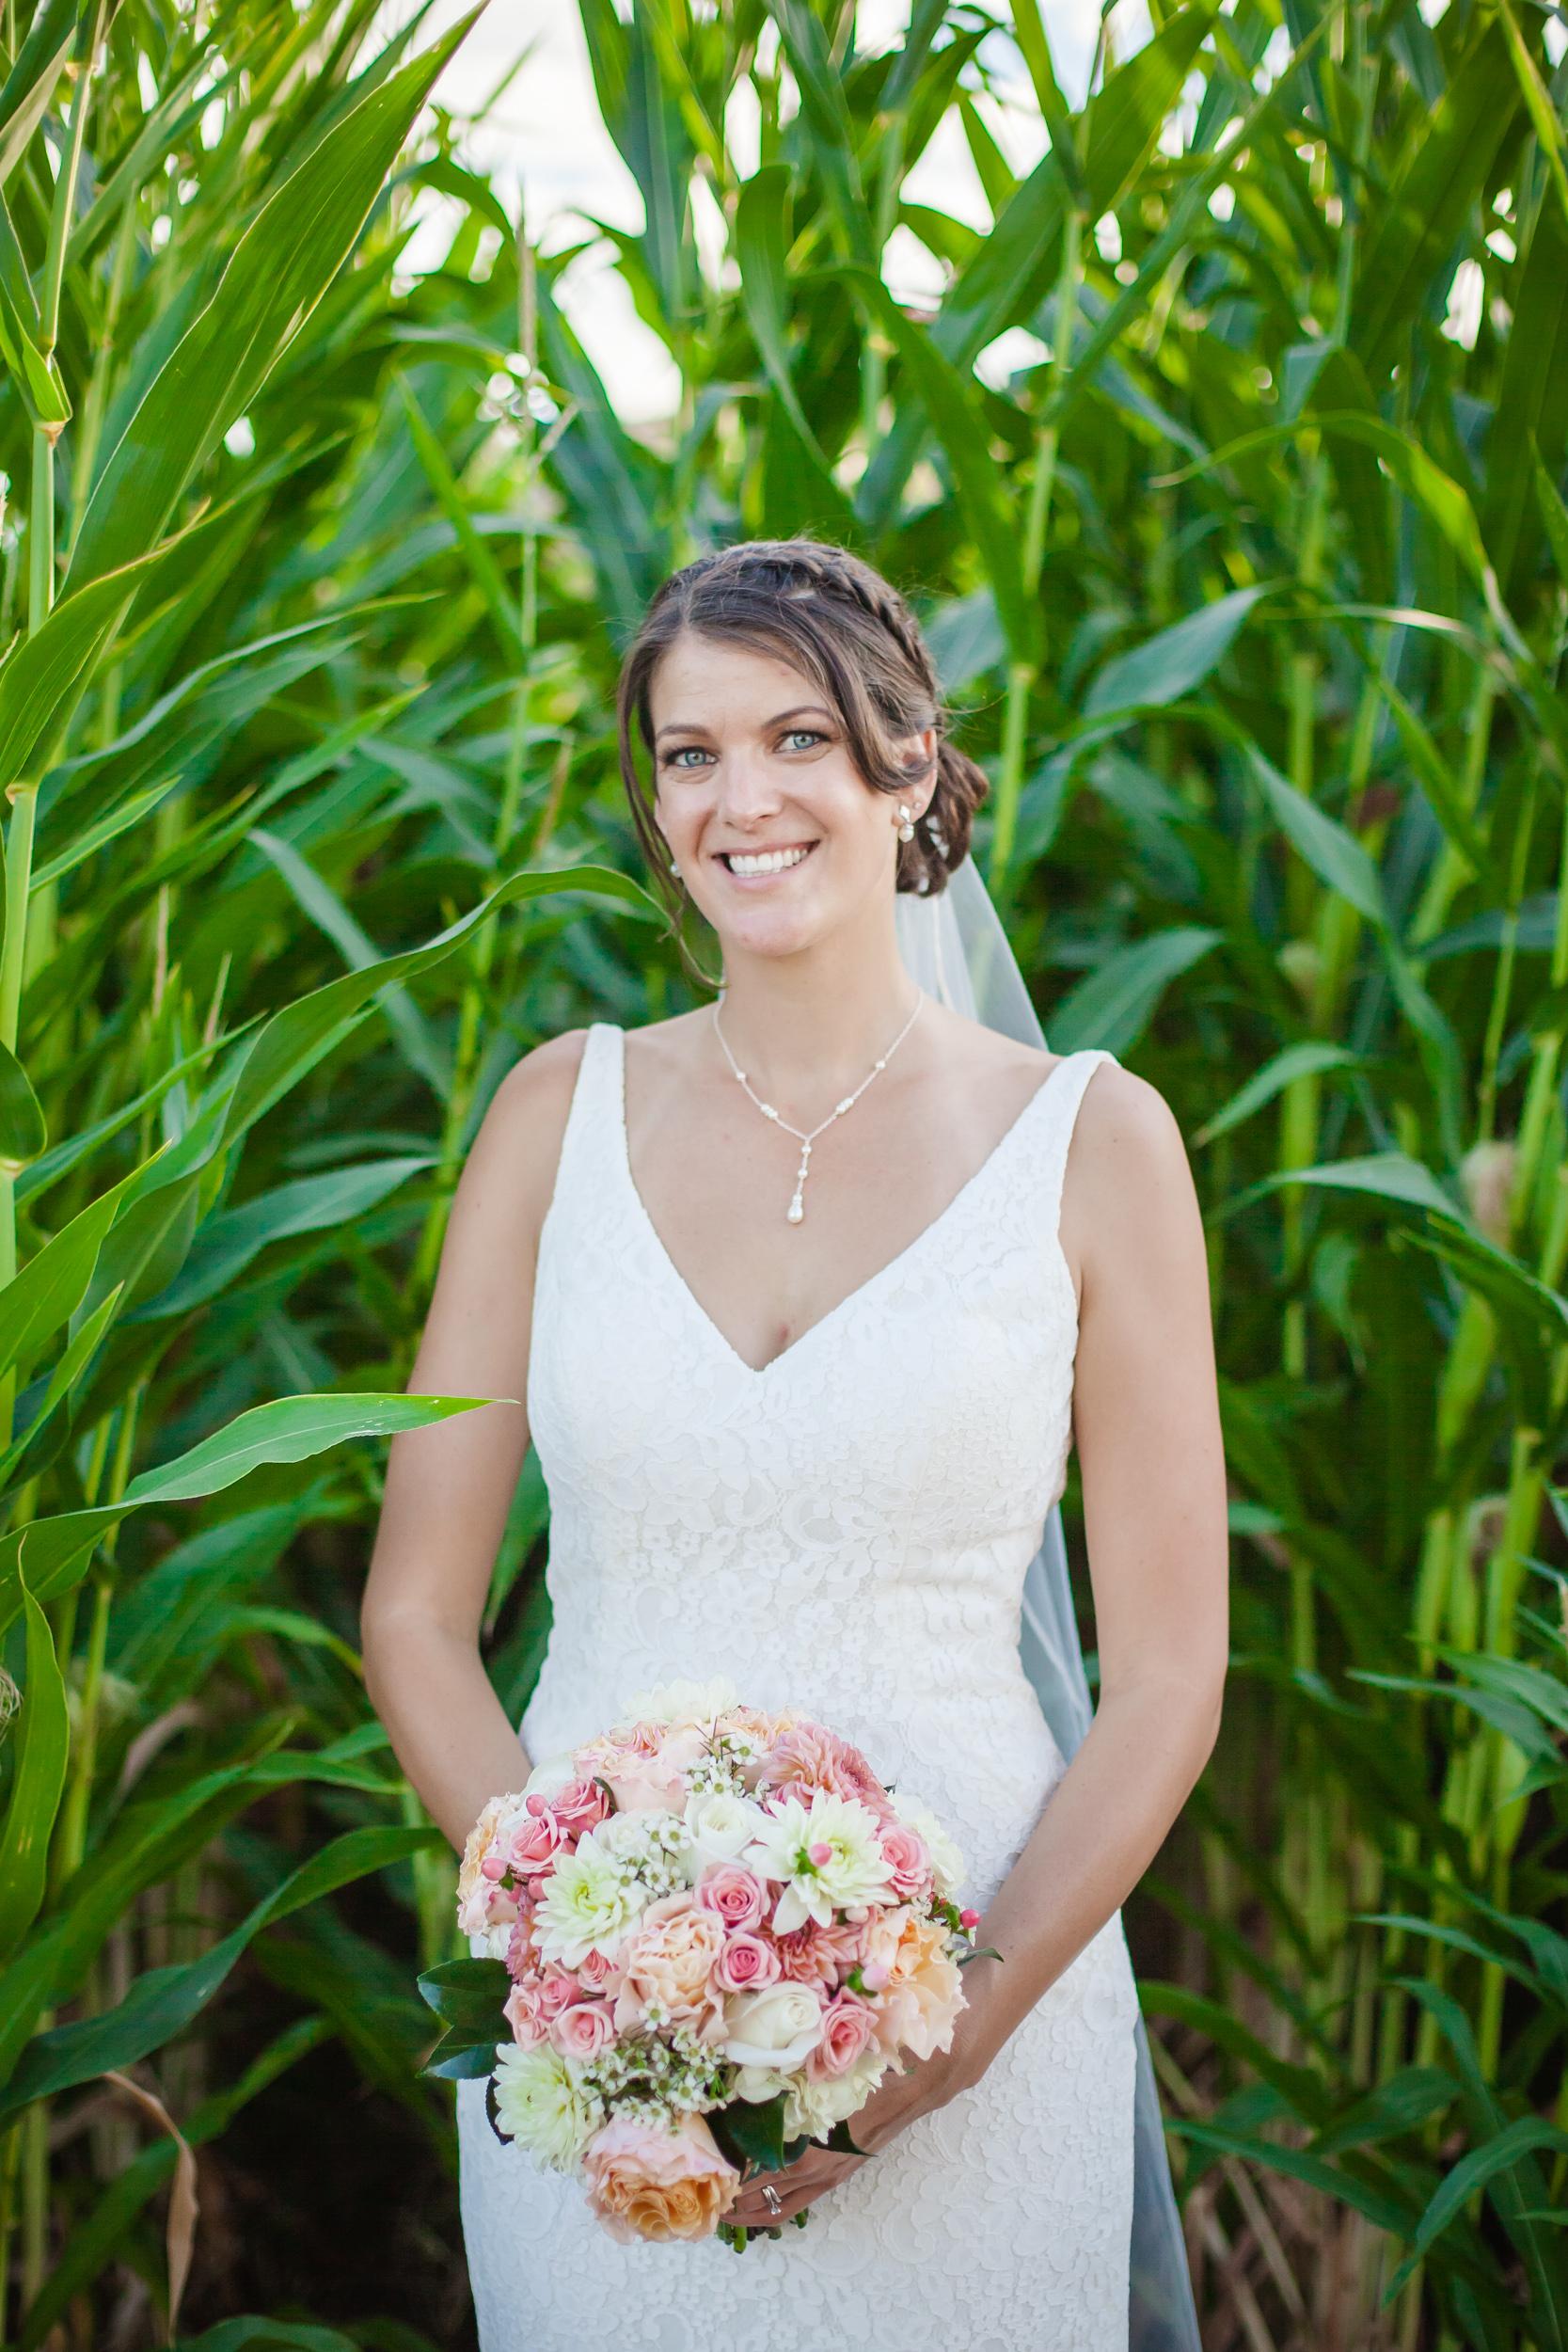 BrideGroom-9304.jpg